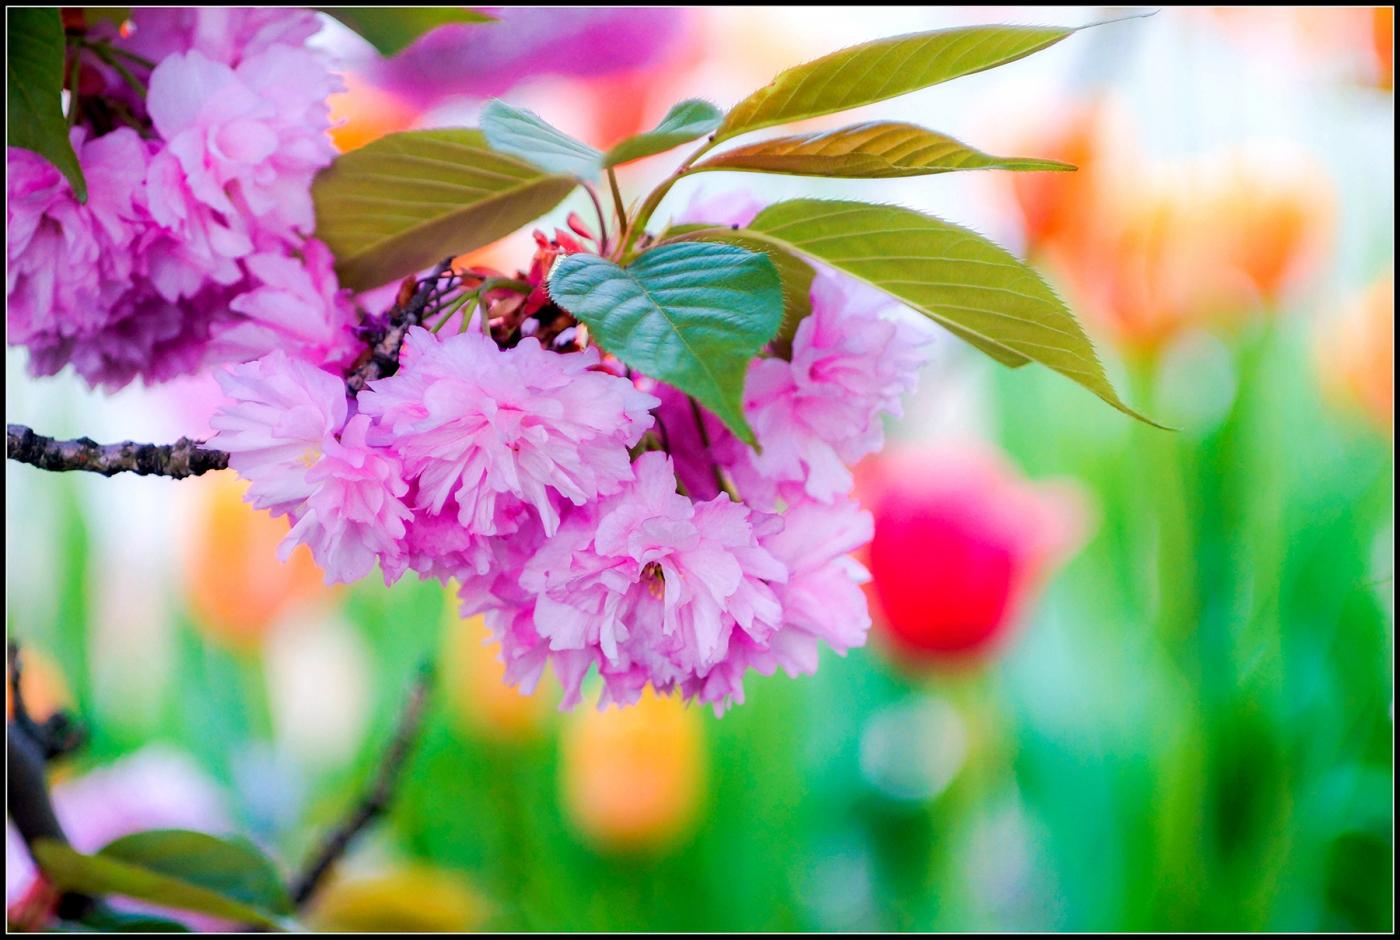 春天的色彩_图1-2